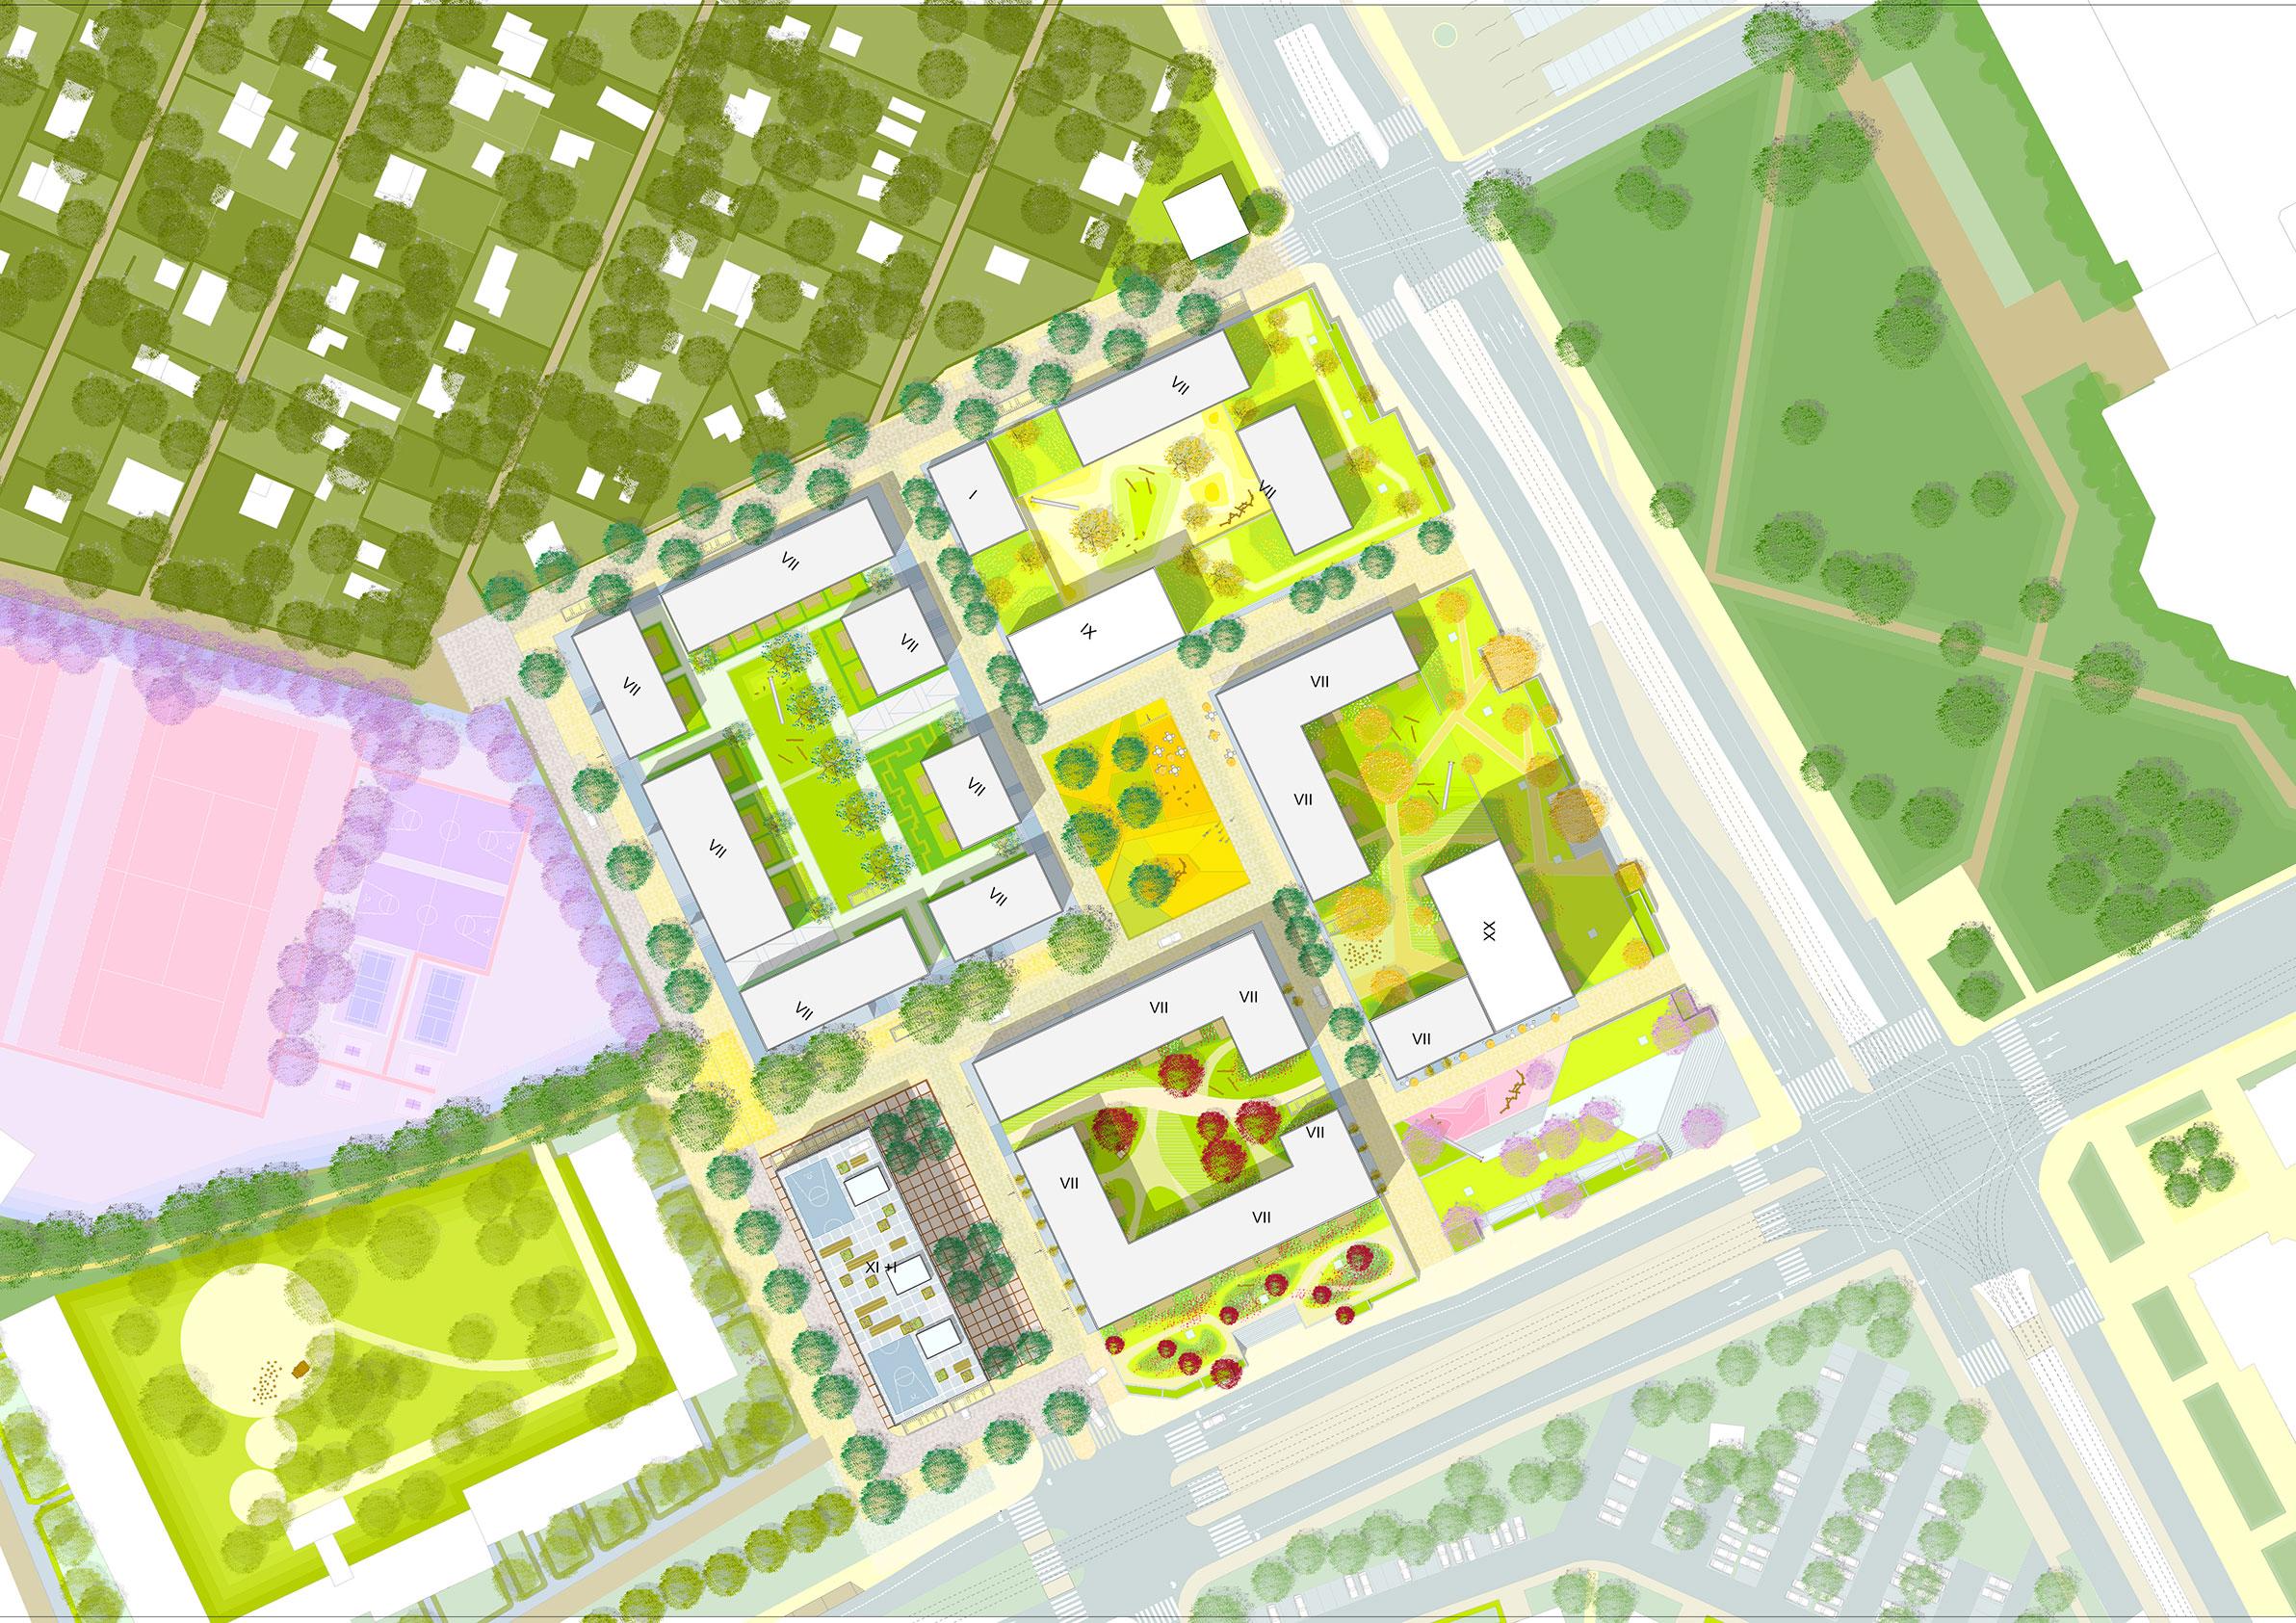 felixx-volkspark-masterplan.jpg